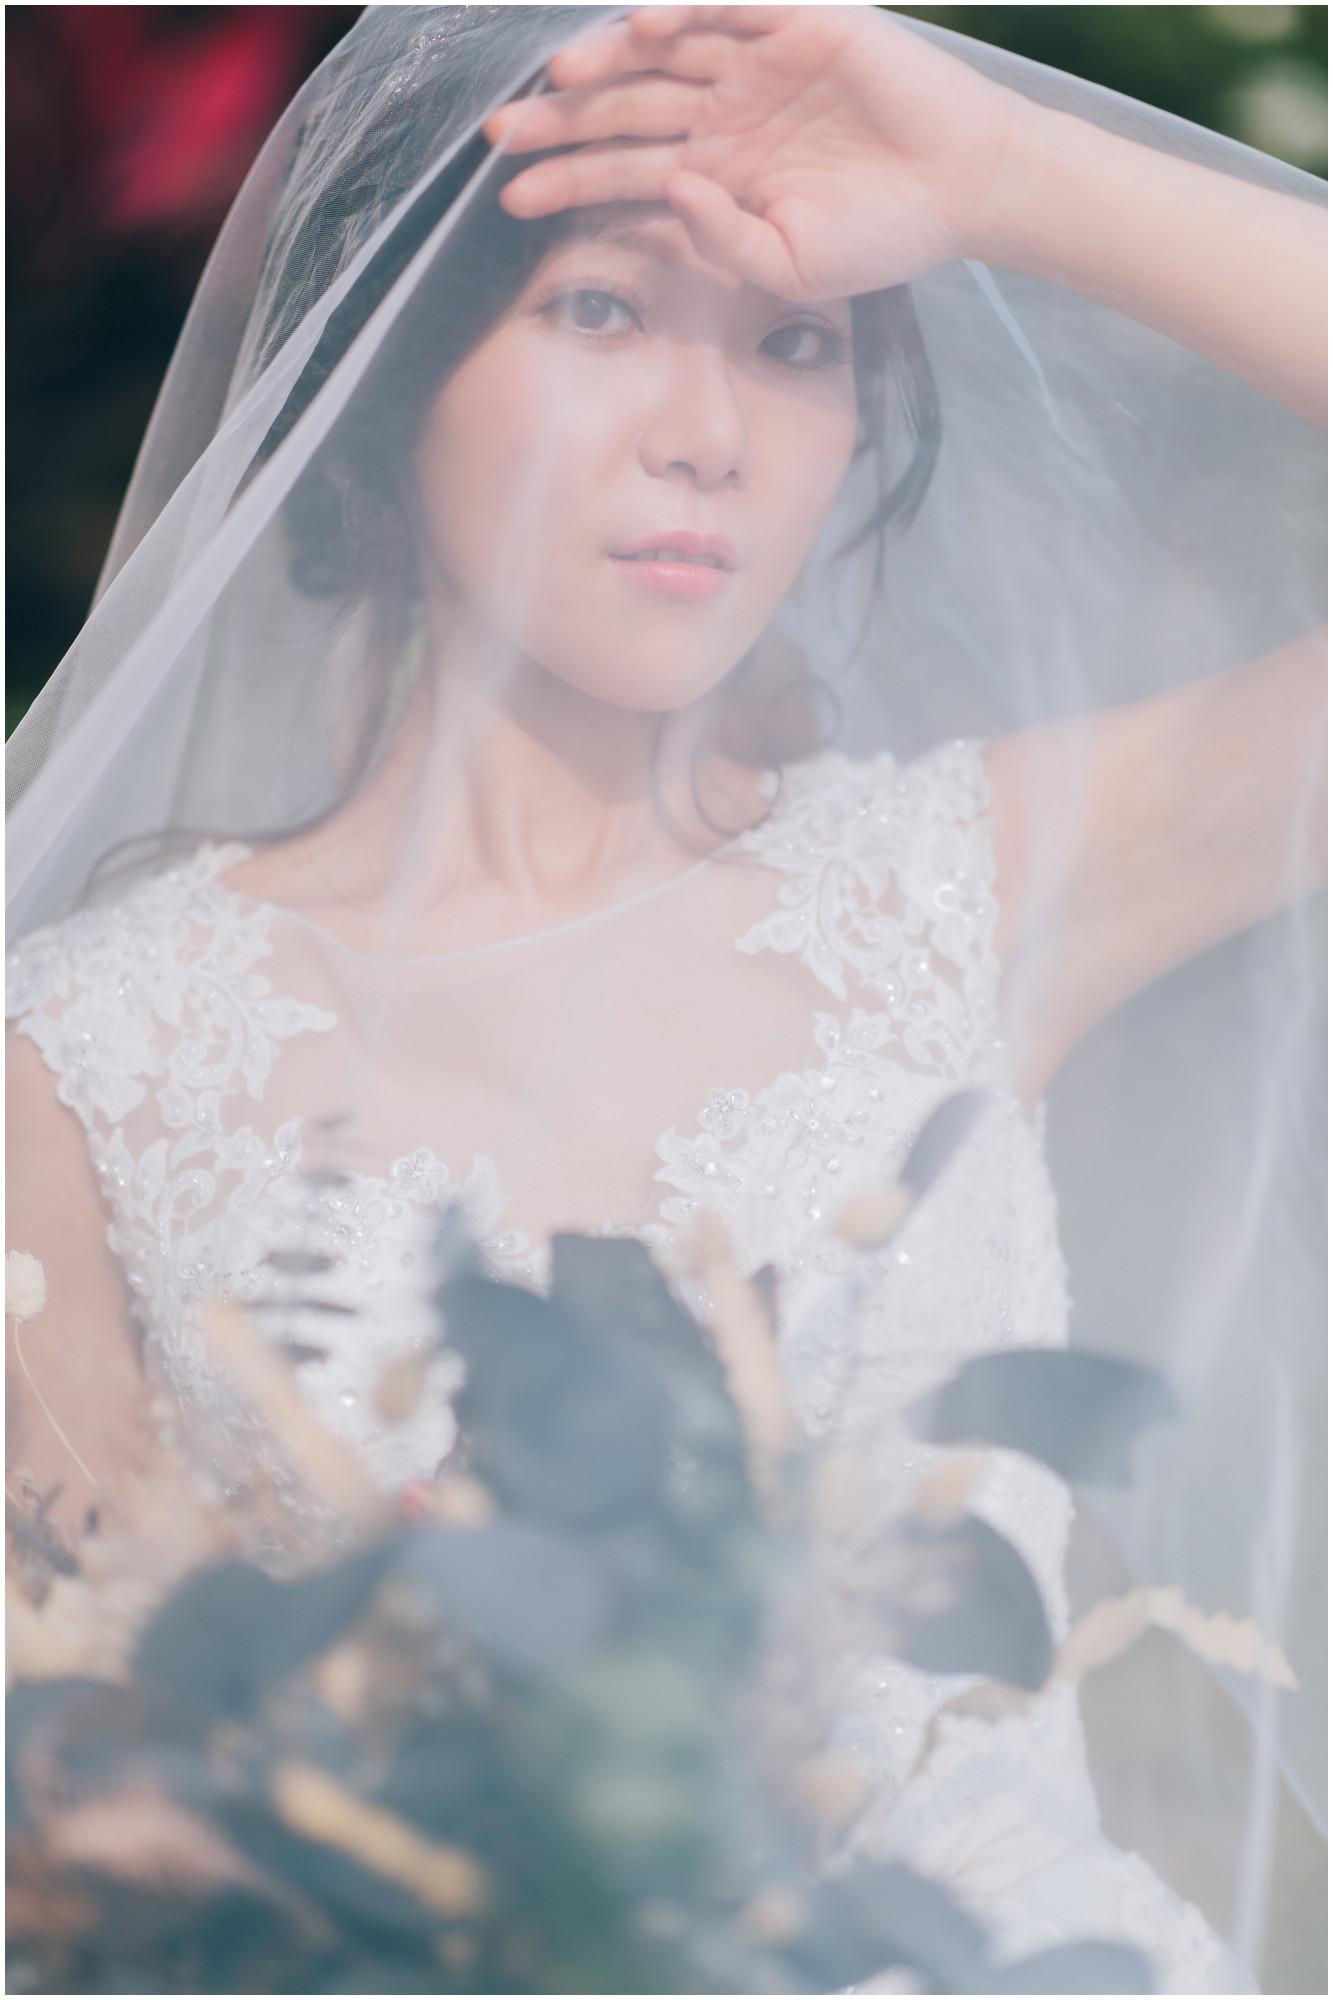 台灣大學 / 華山藝文特區 / 寵物婚紗 / 自然捲棚拍 / 素人寫真